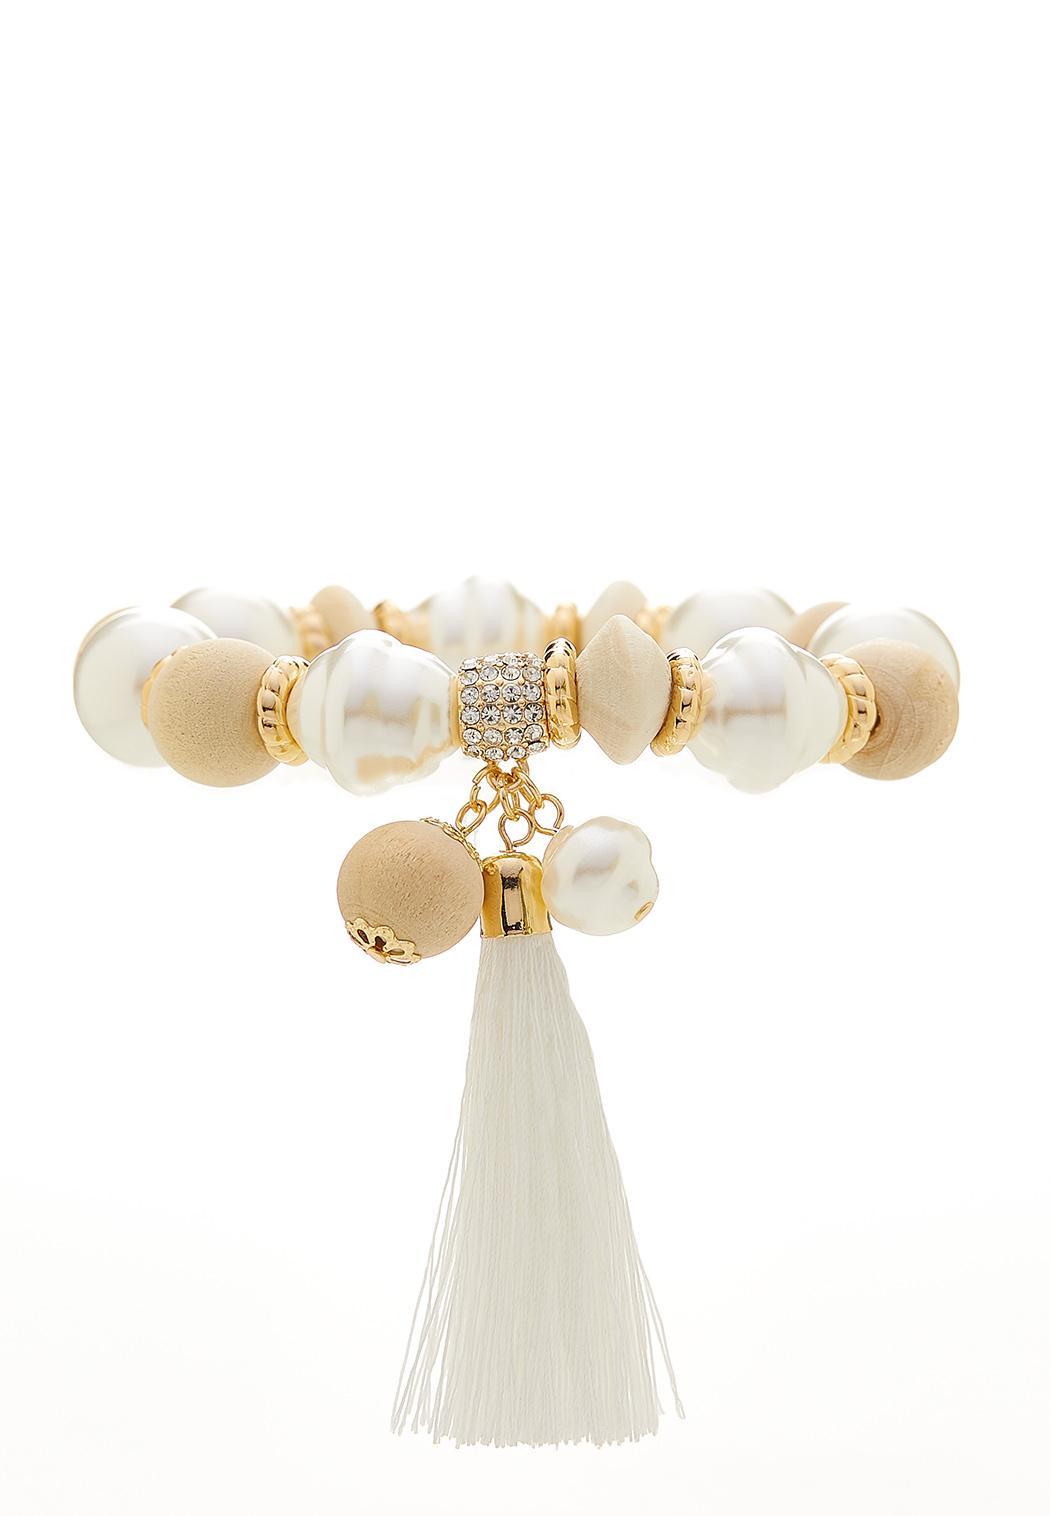 White Tasseled Stretch Bracelet